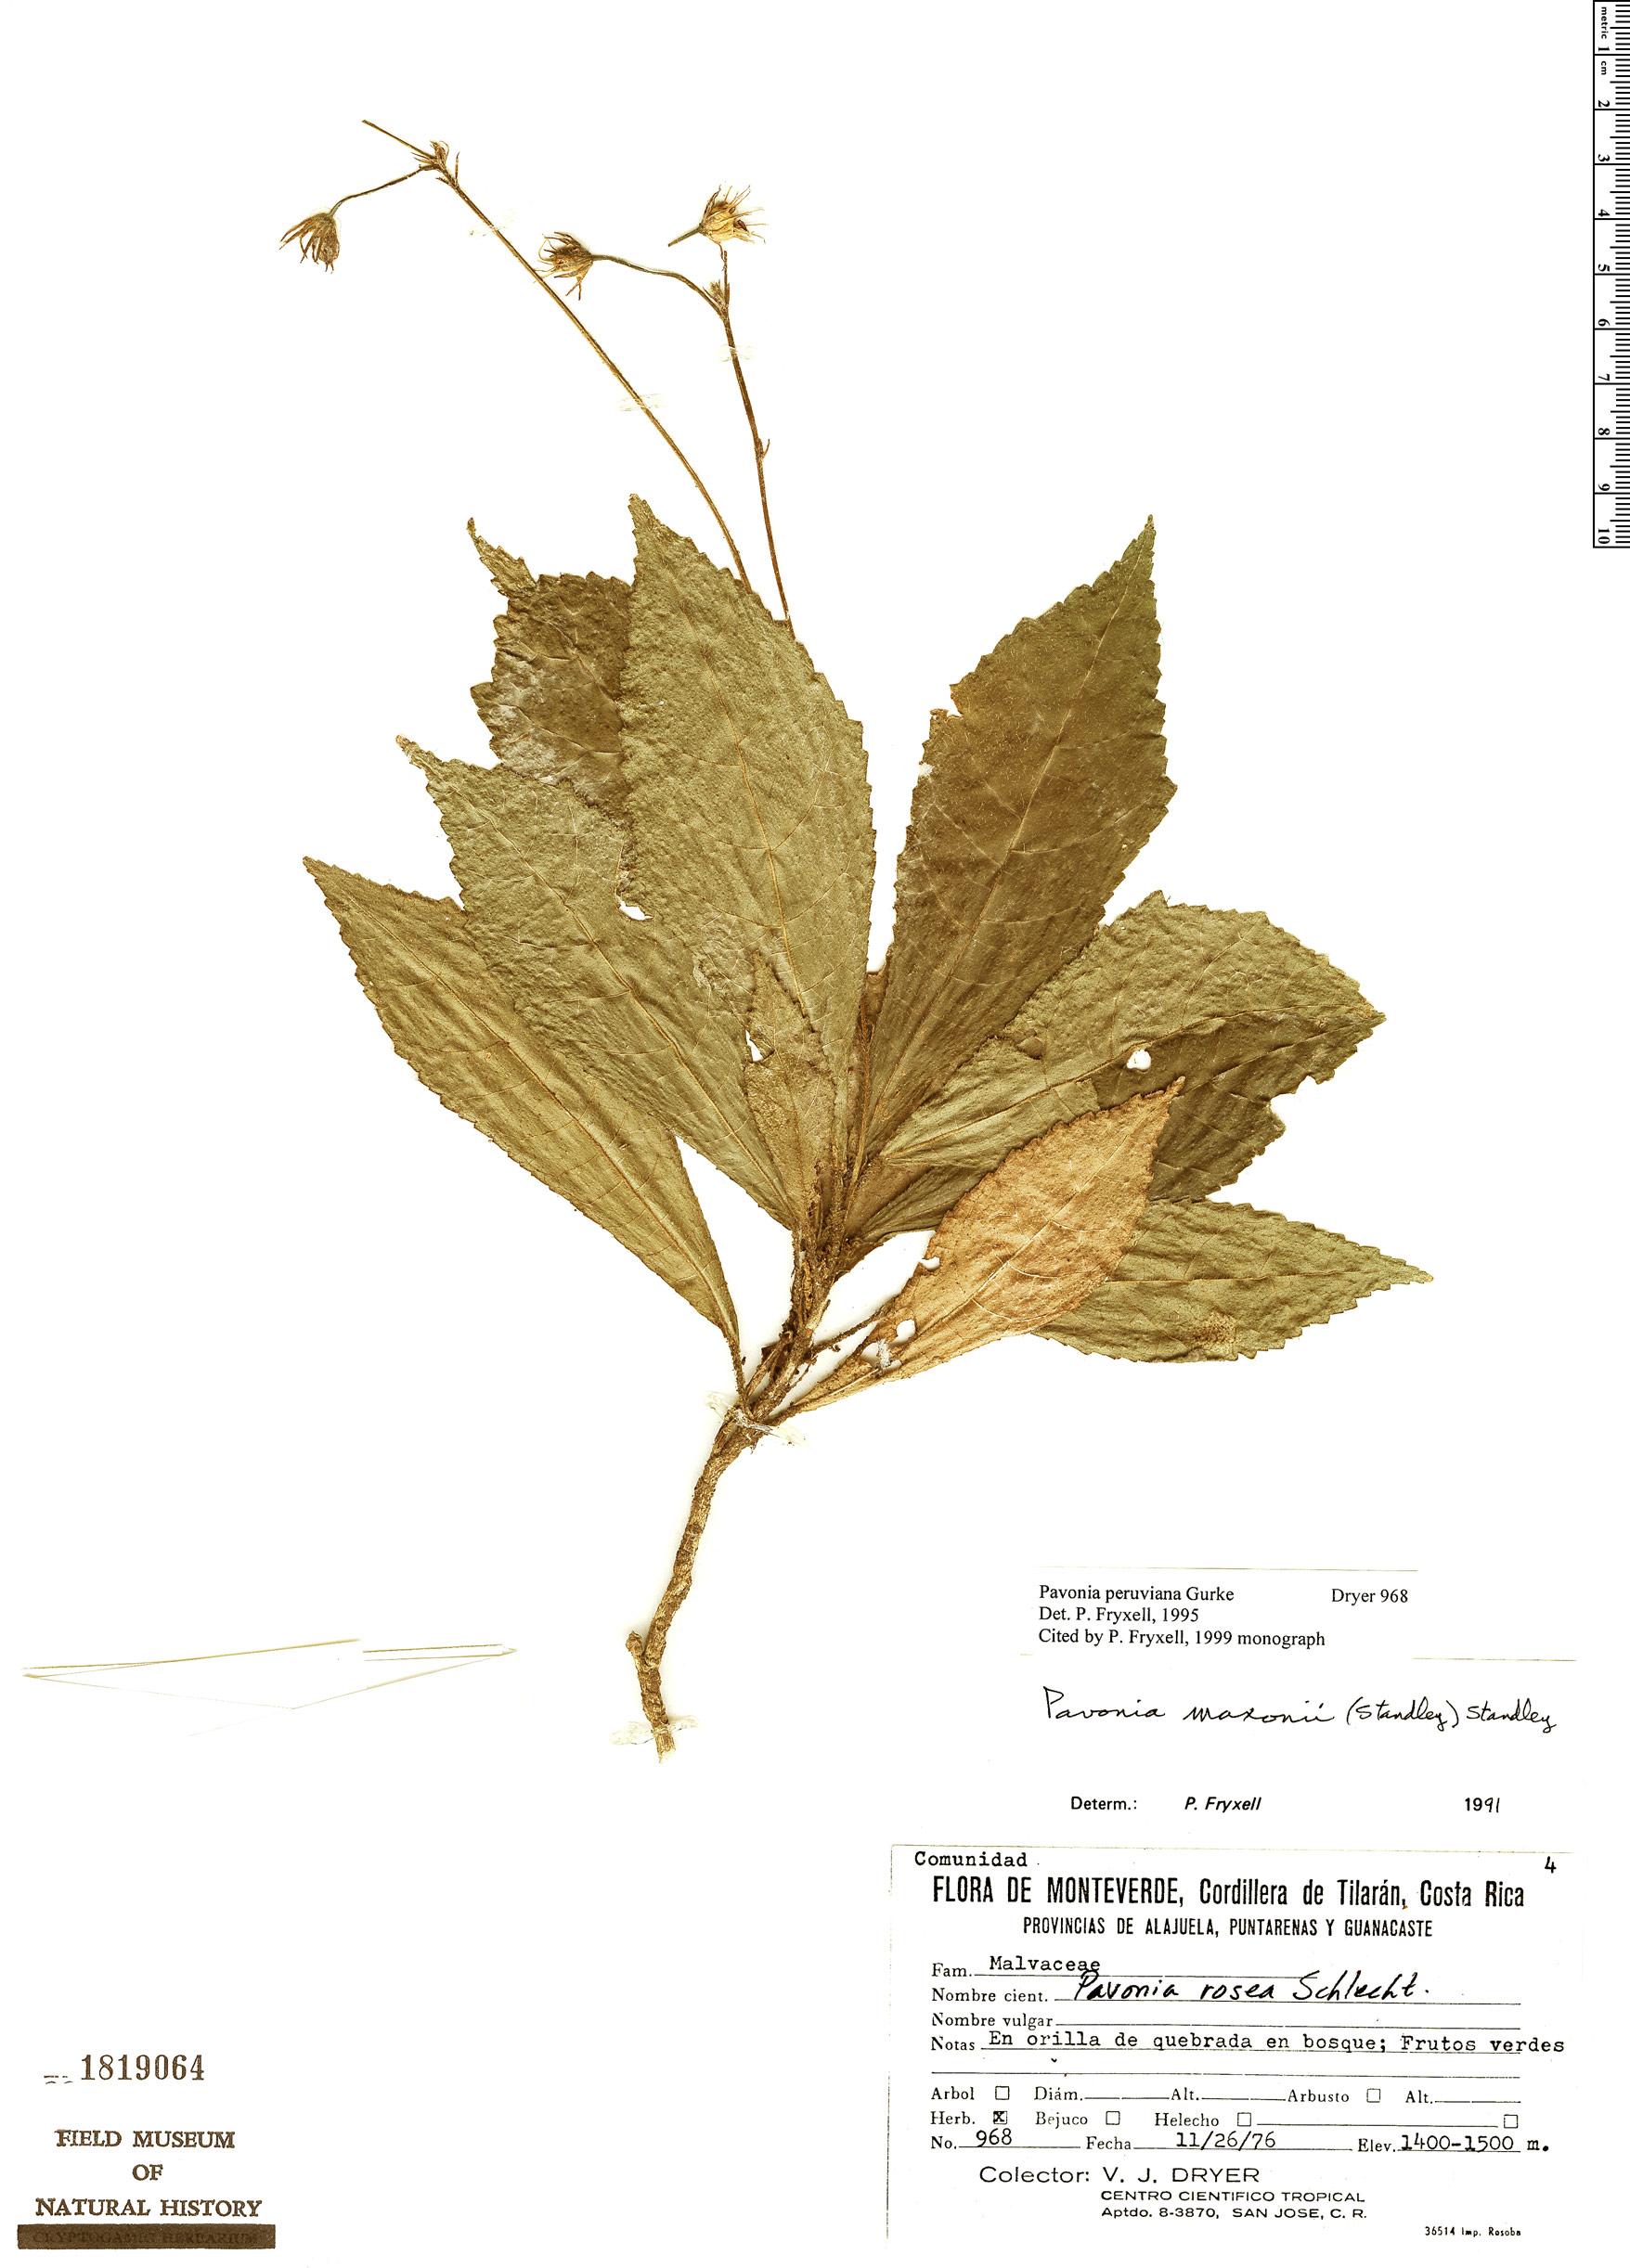 Specimen: Pavonia peruviana